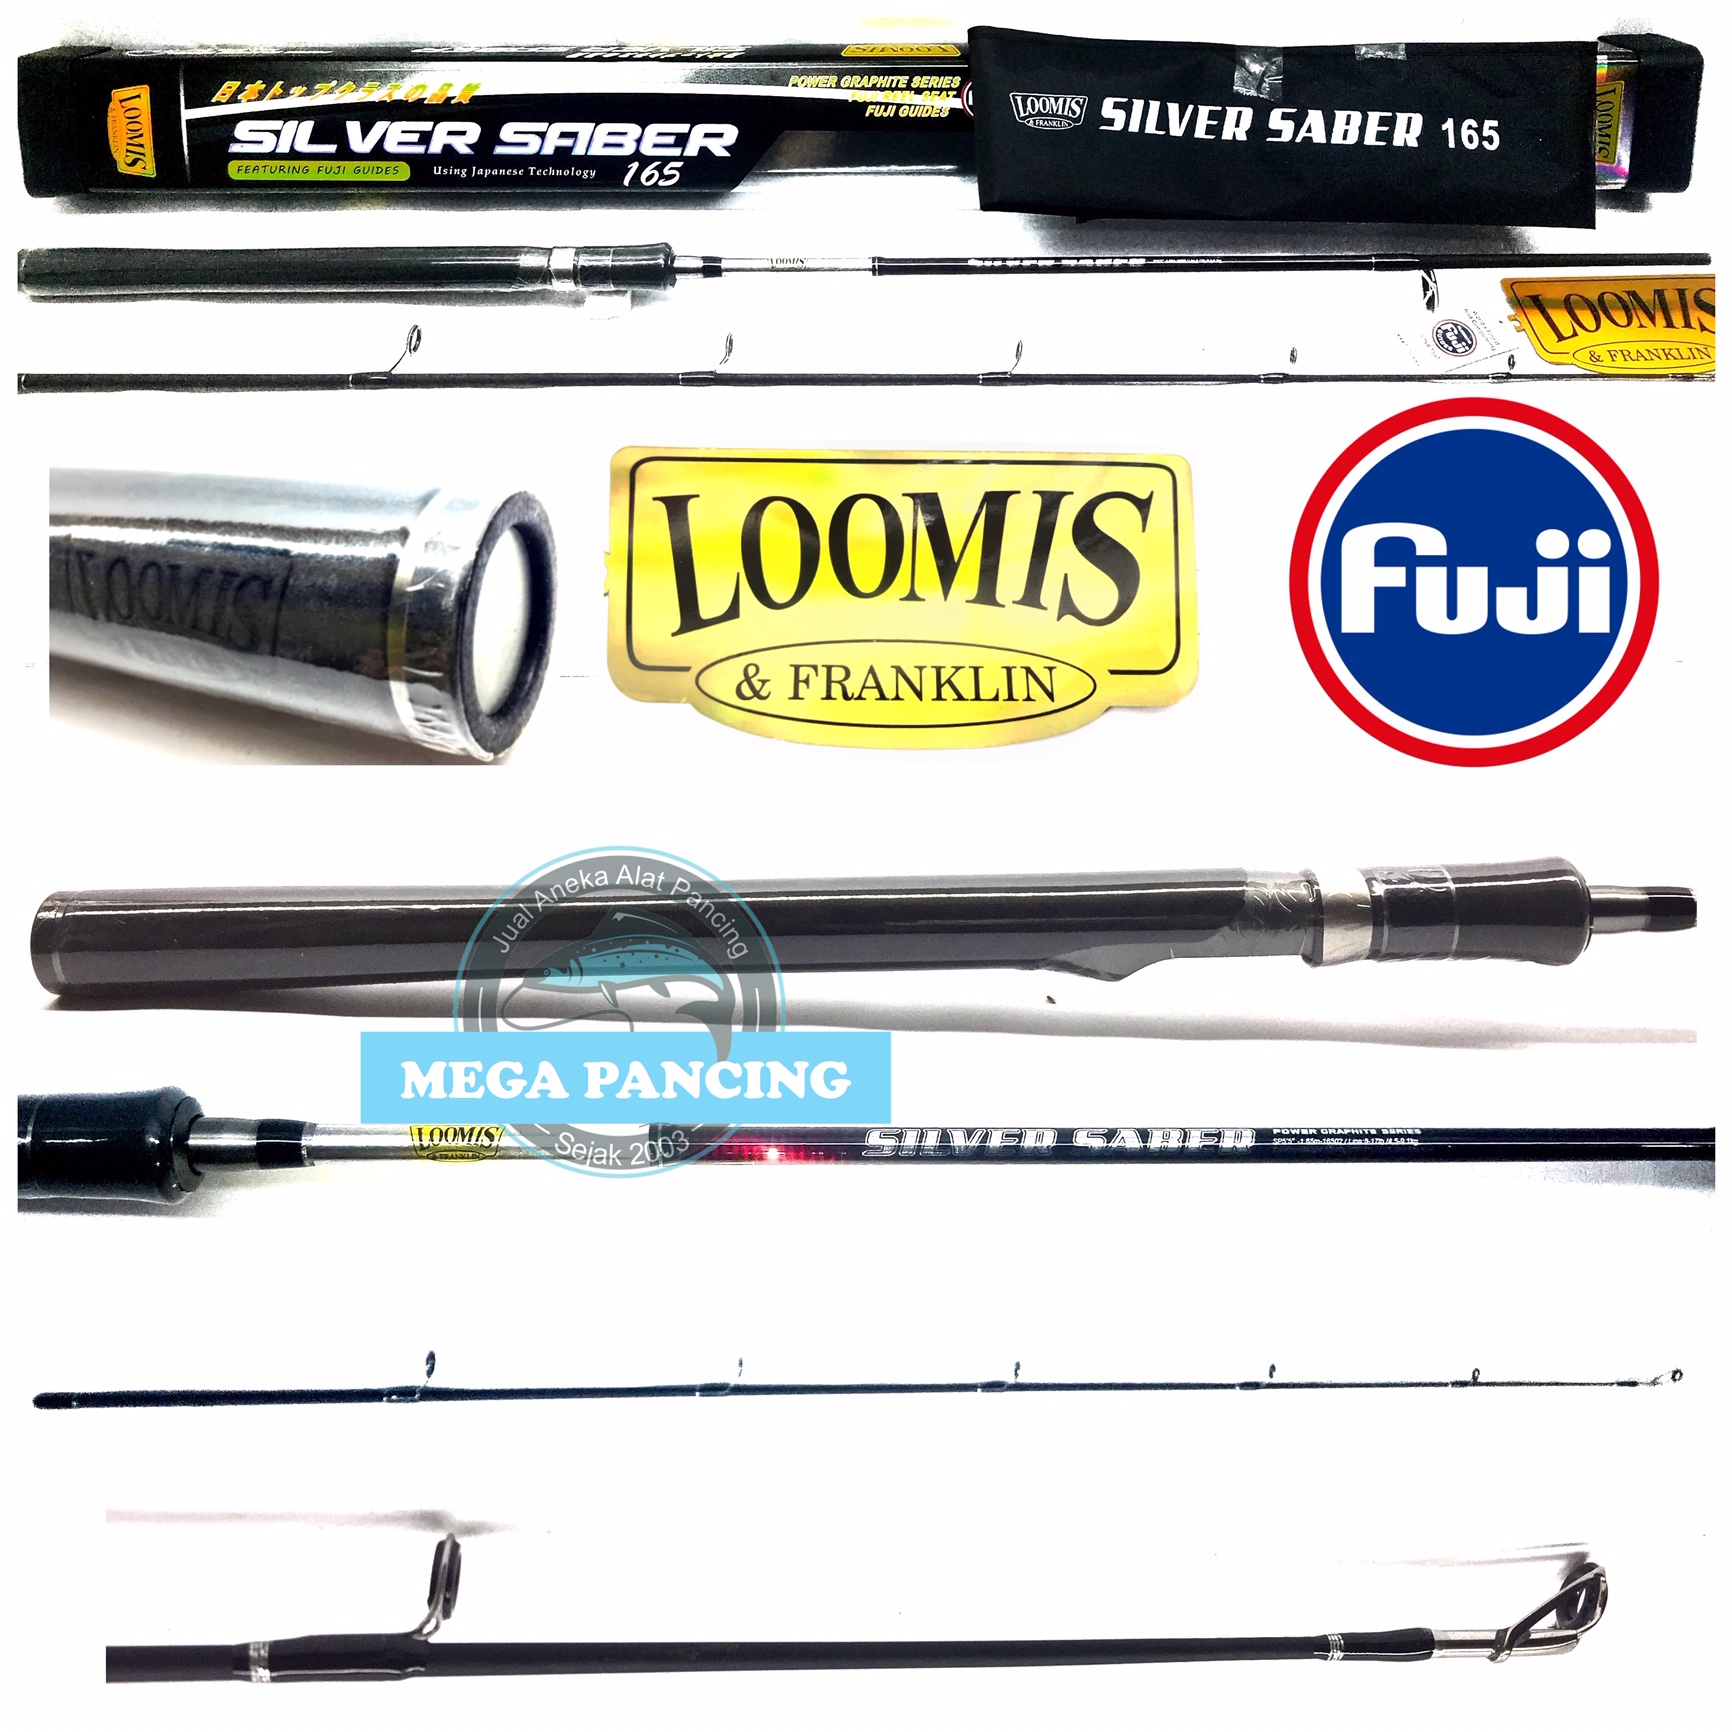 joran pancing loomis&franklin silver saber 165cm